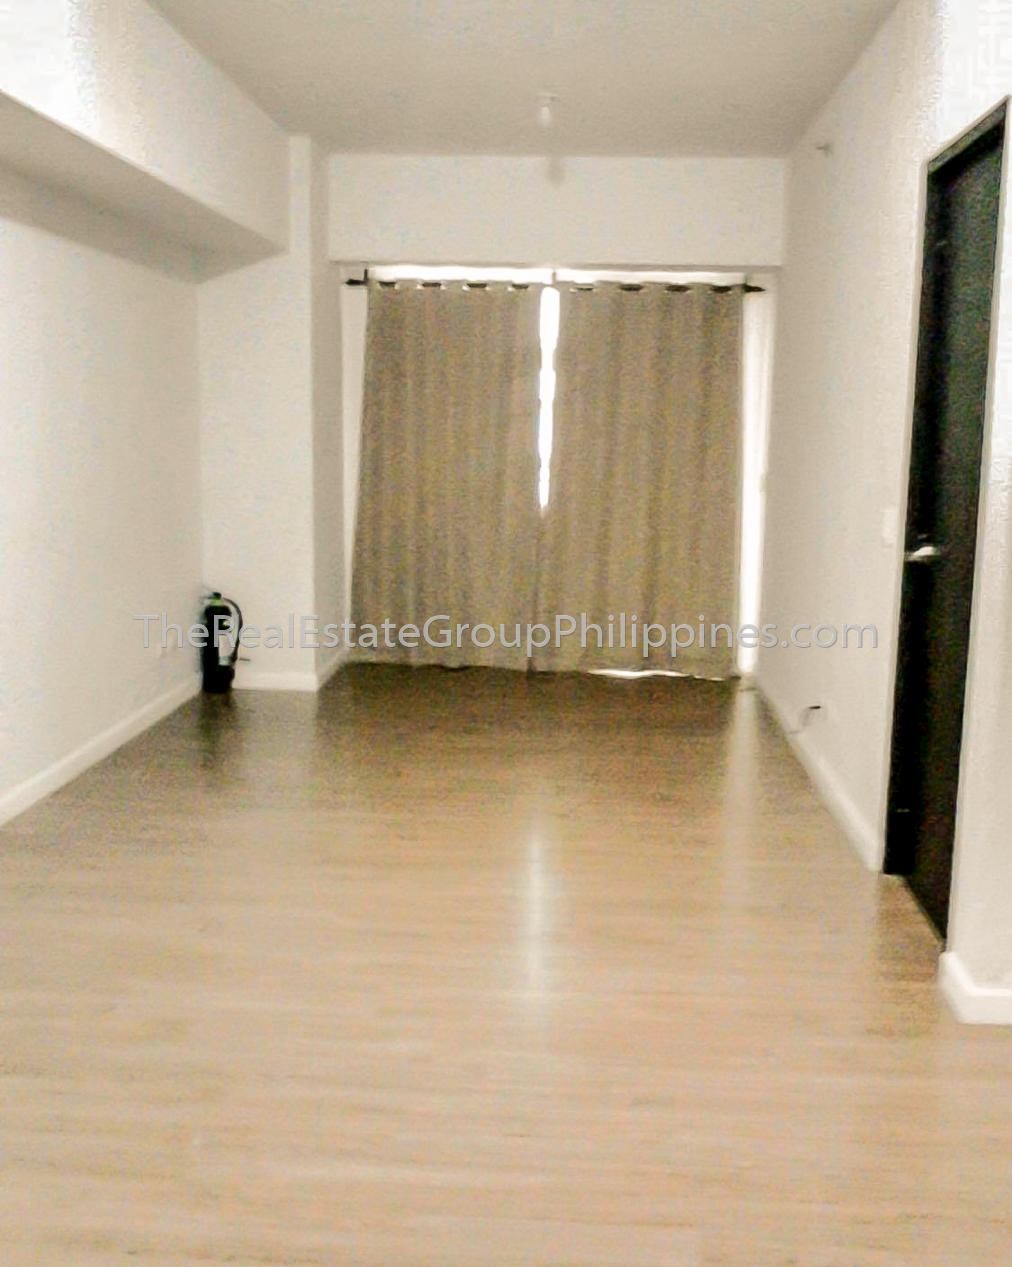 1BR Condo For Rent, Meranti Two Serendra, BGC-45k-7